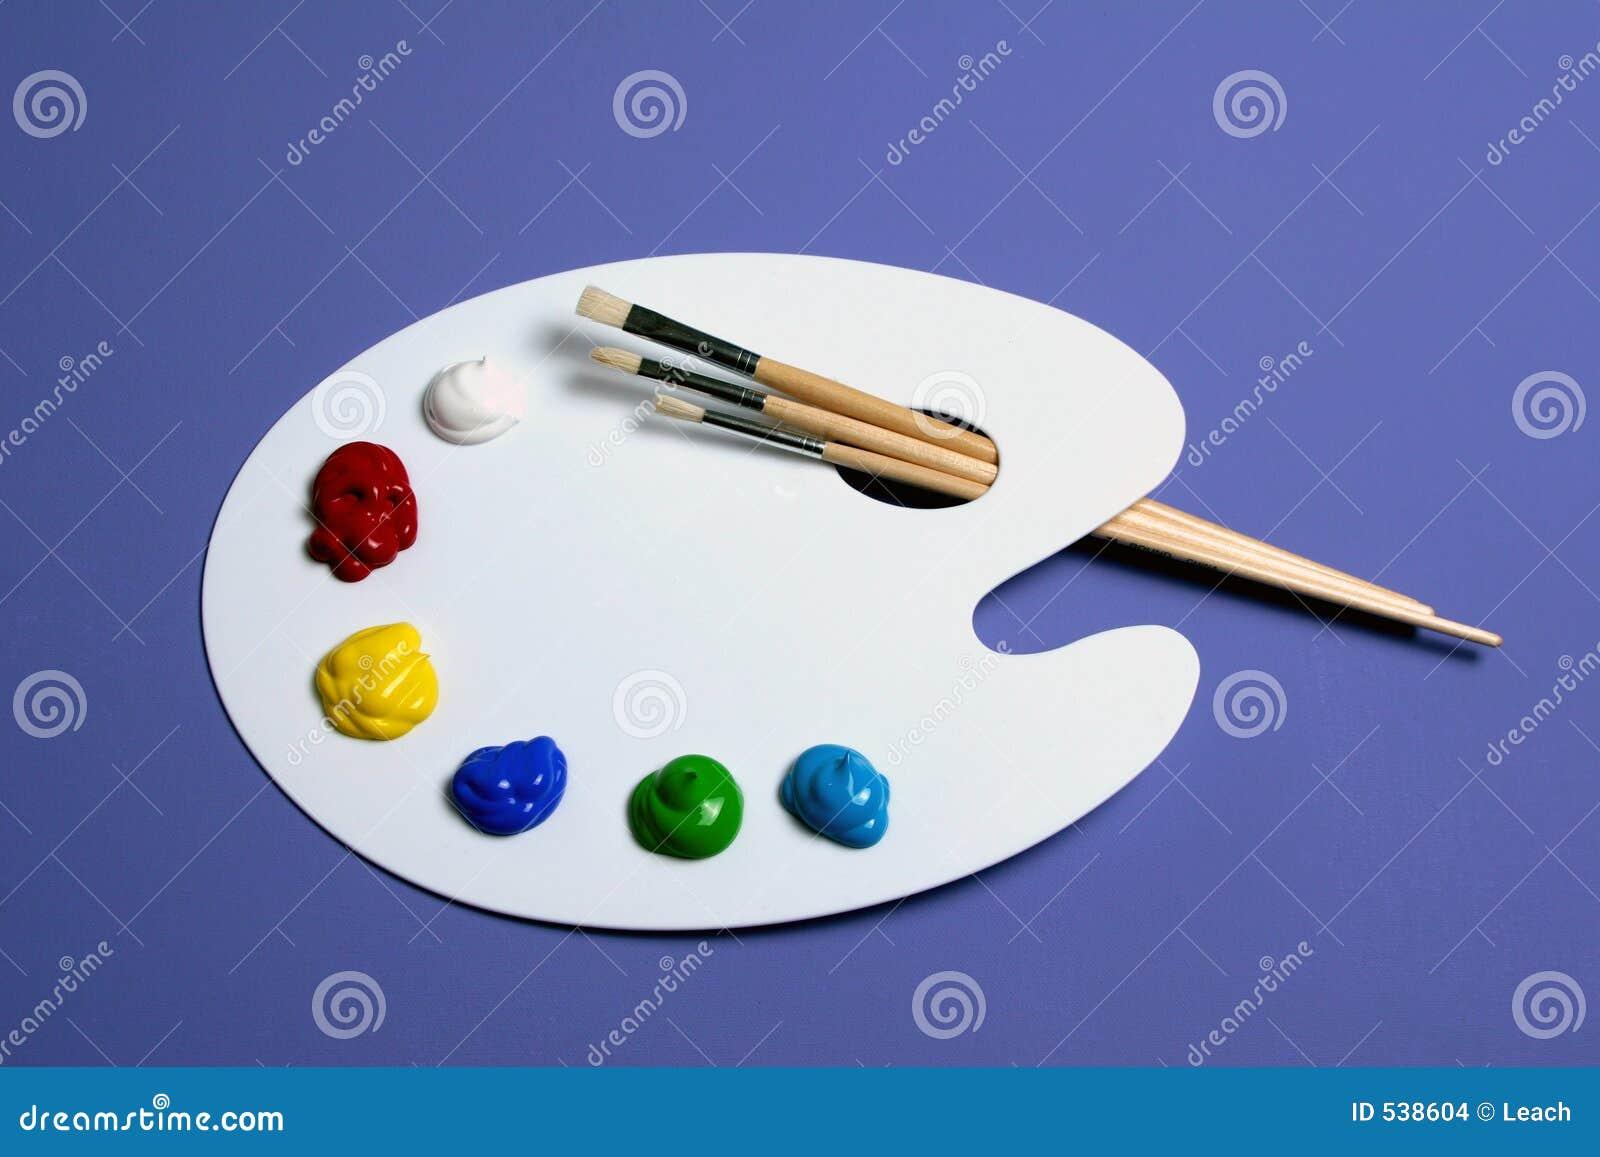 Download 艺术艺术家掠过油漆象征性油漆的调色板 库存照片. 图片 包括有 用品, 技艺家, 工艺, brusher, 绿色 - 538604